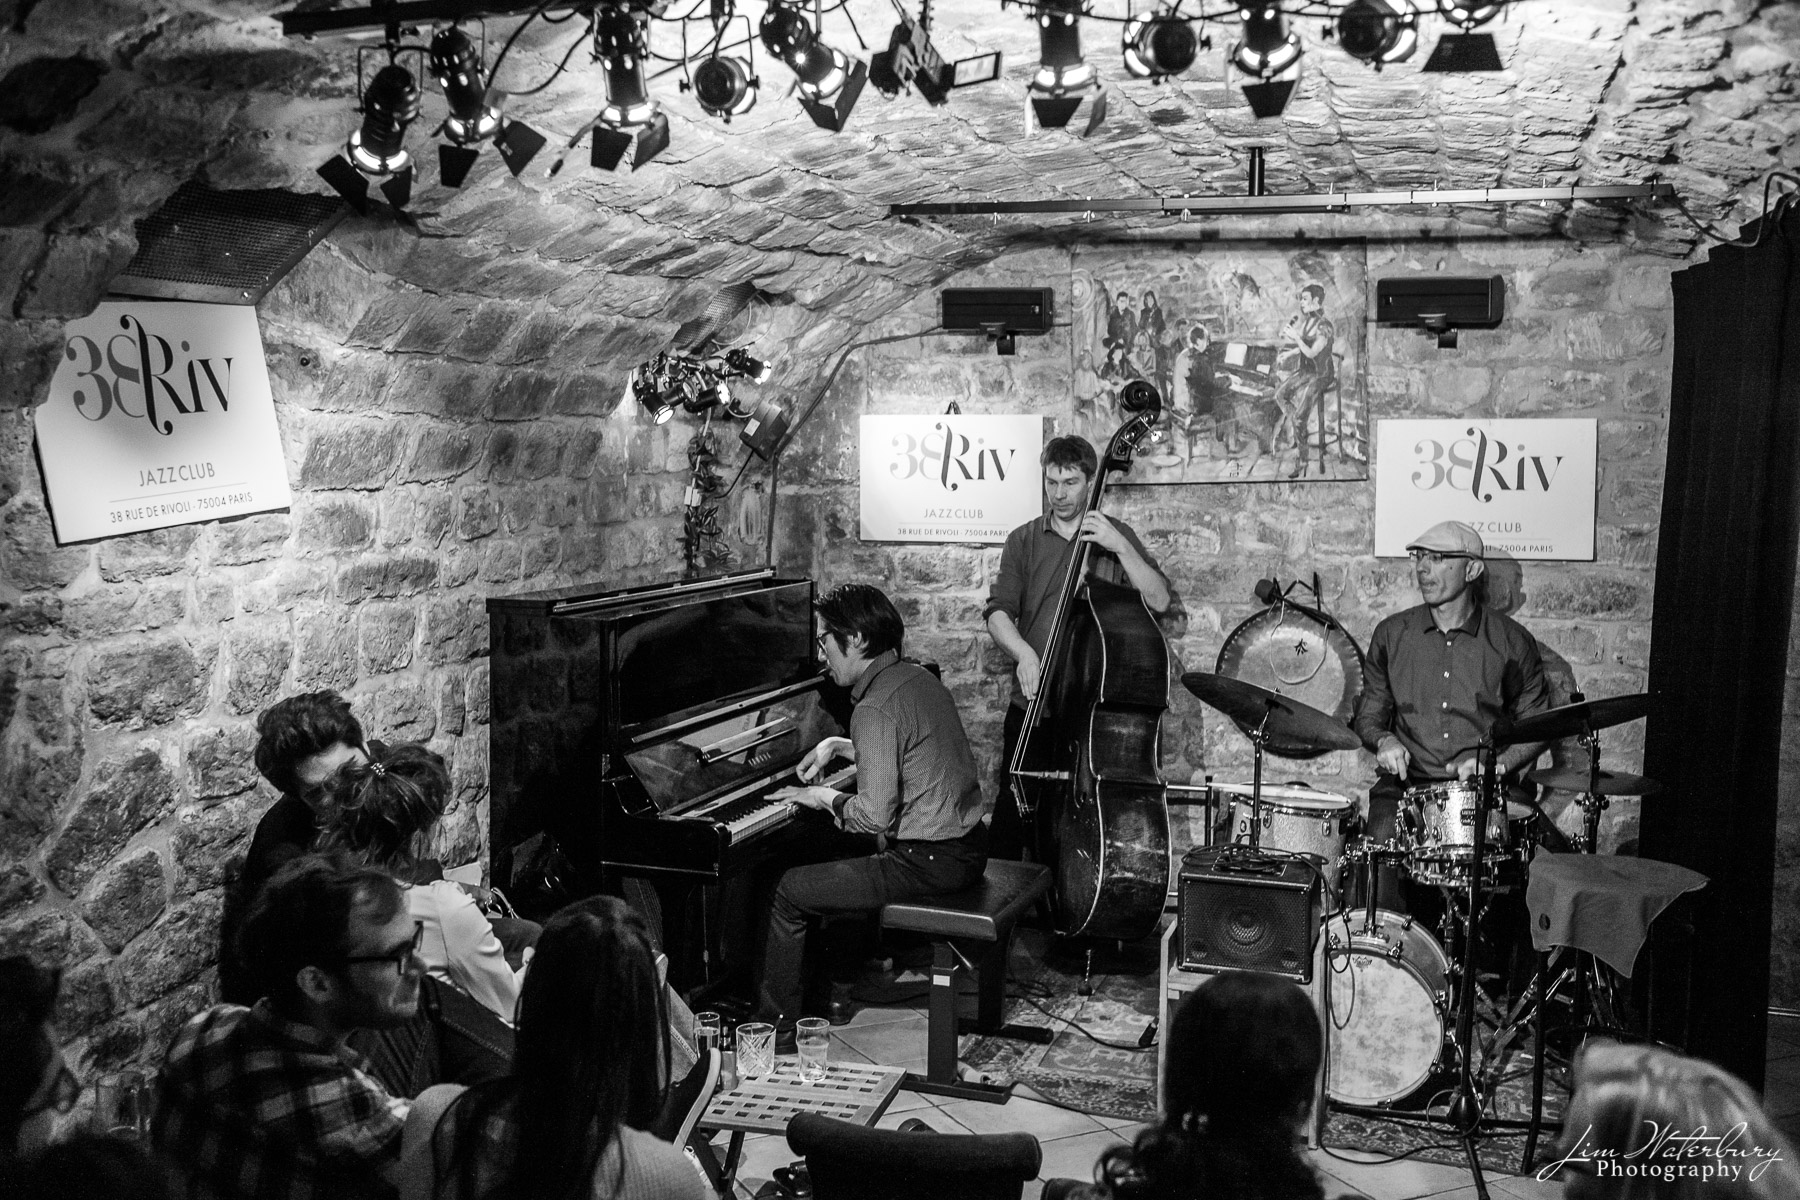 A trio plays late night jazz at the 38 Riv Jazz Club, Paris.  Black & white.